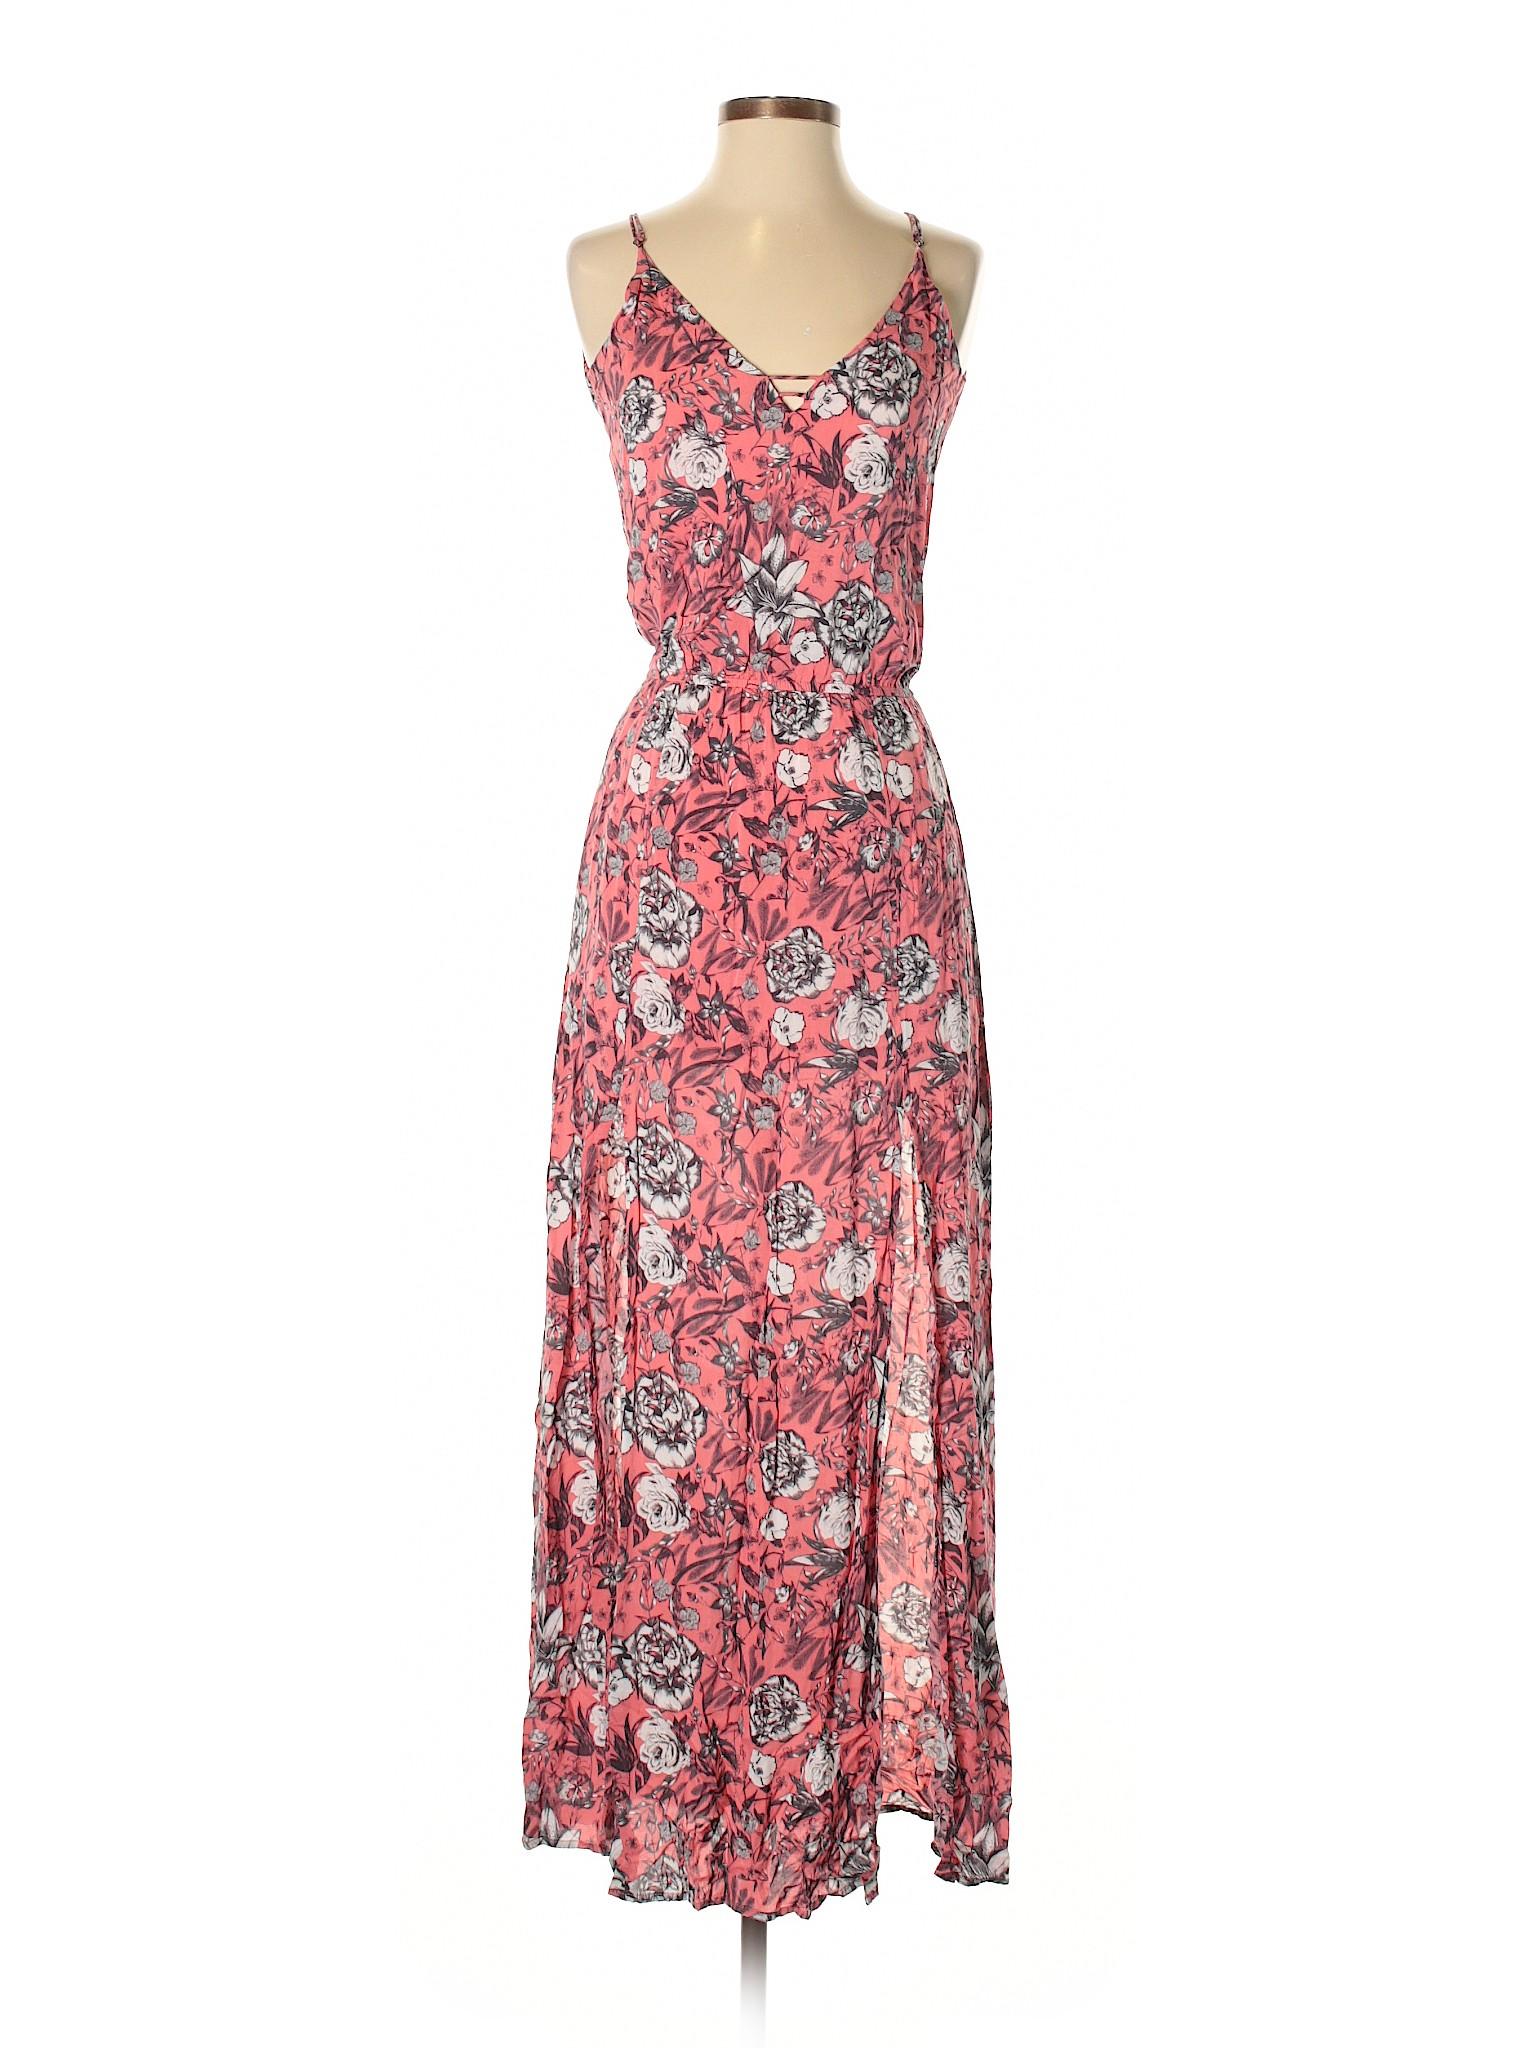 Casual Sofia Dress By Winter Vix Boutique XfnIaqx7